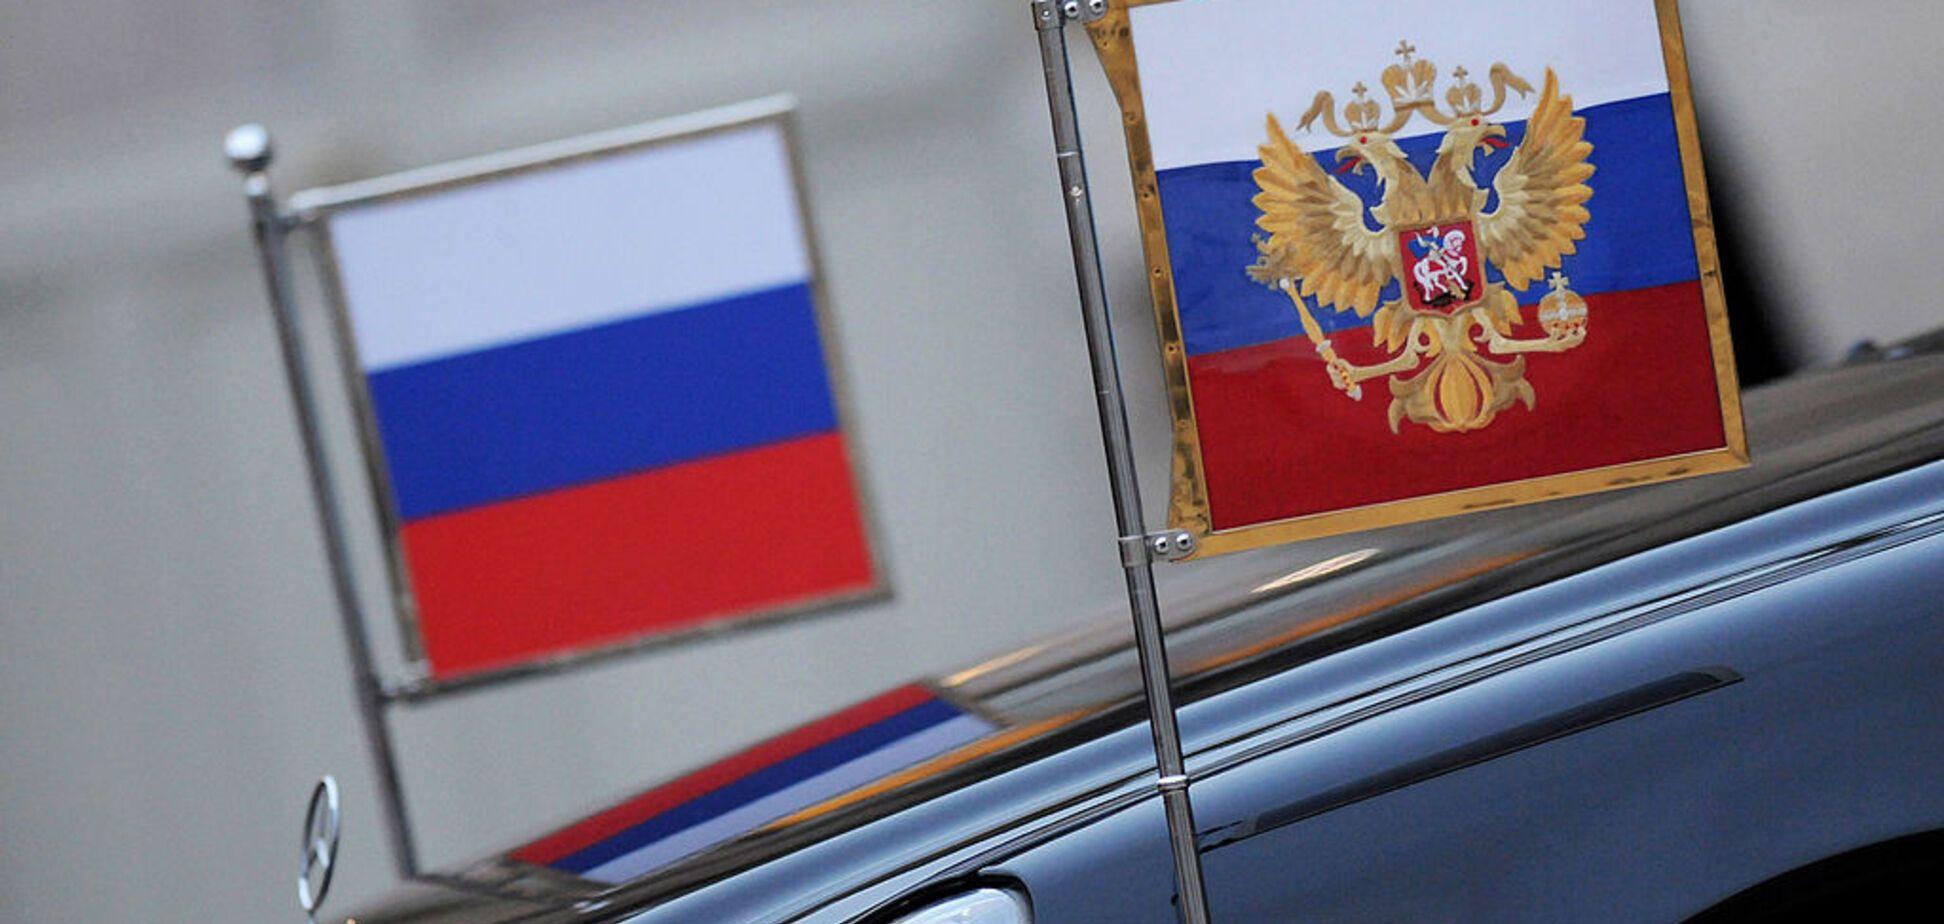 Москва не остановится на Украине: частная разведка США раскрыла планы России на Запад